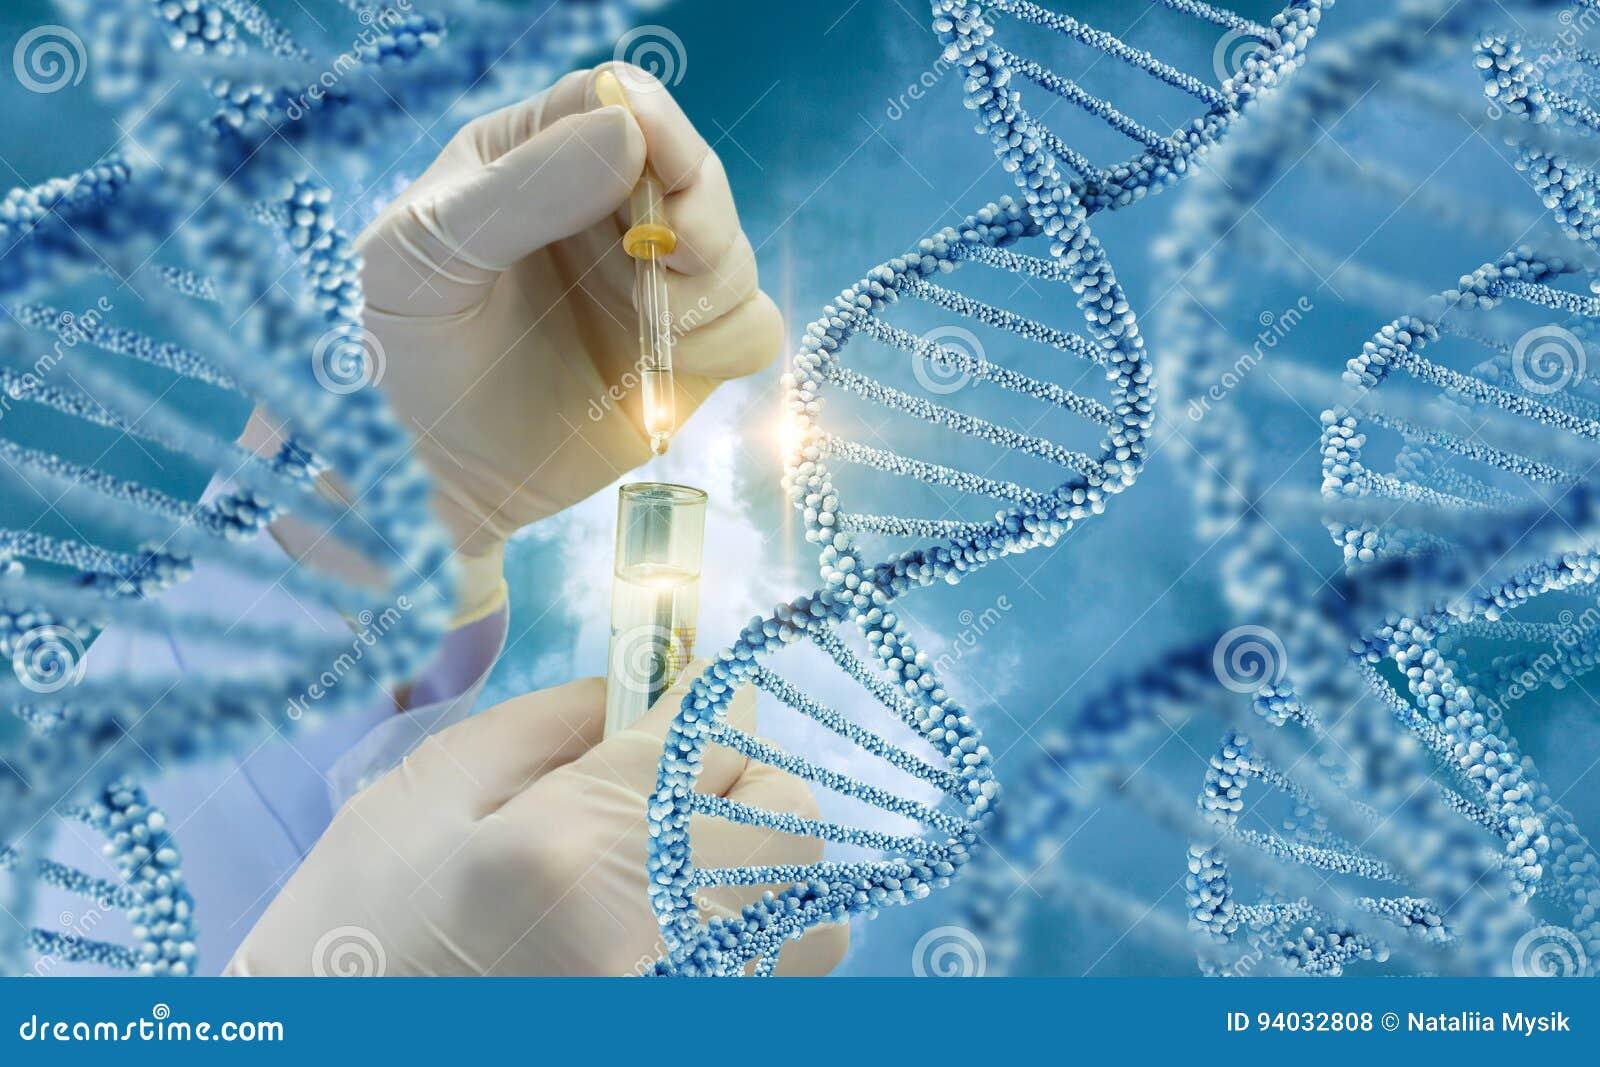 Prüfung von DNA-Molekülen